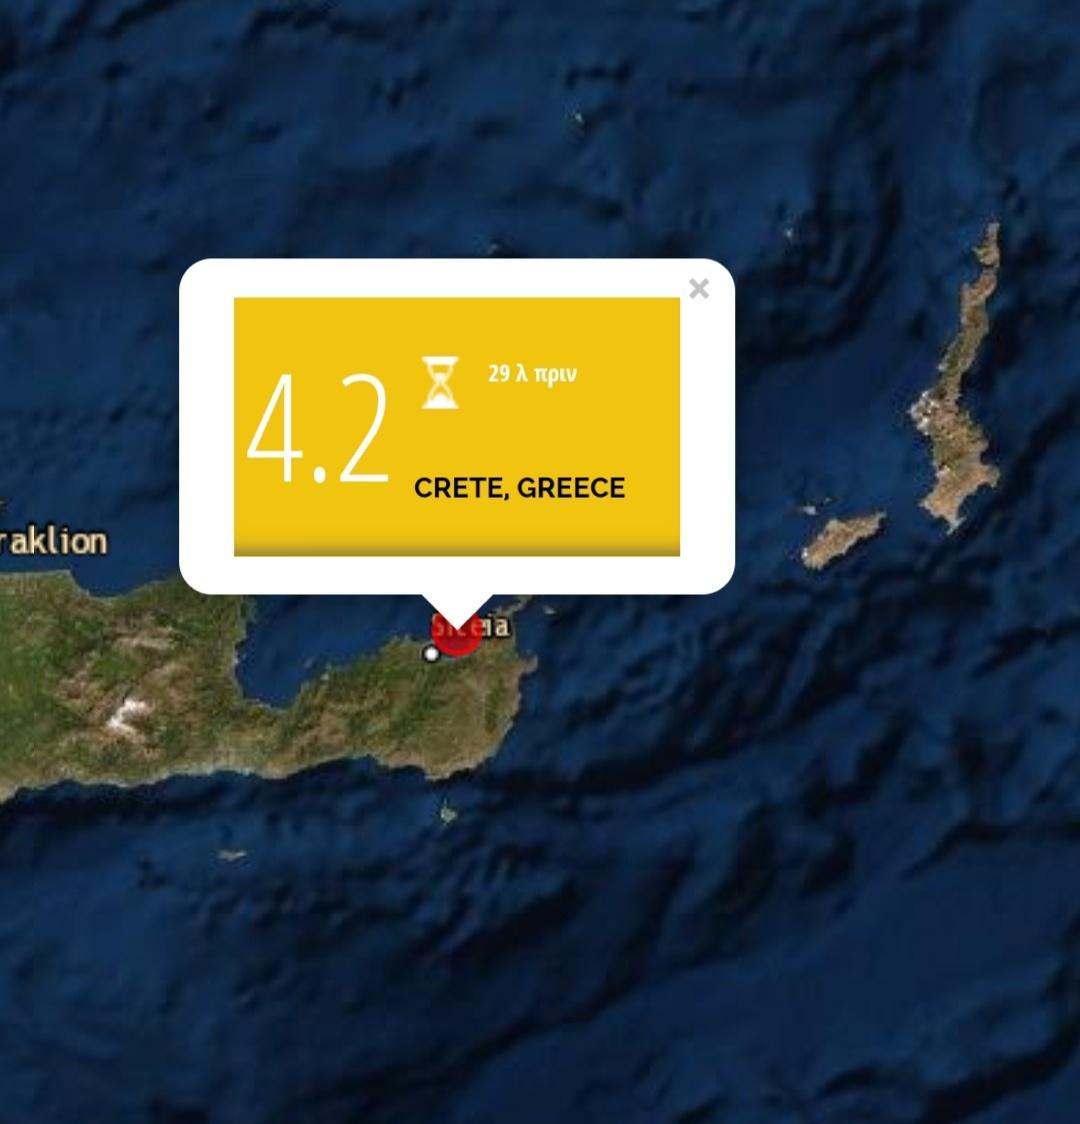 Σεισμός 4,2 Ρίχτερ ανατολικά της Κρήτης